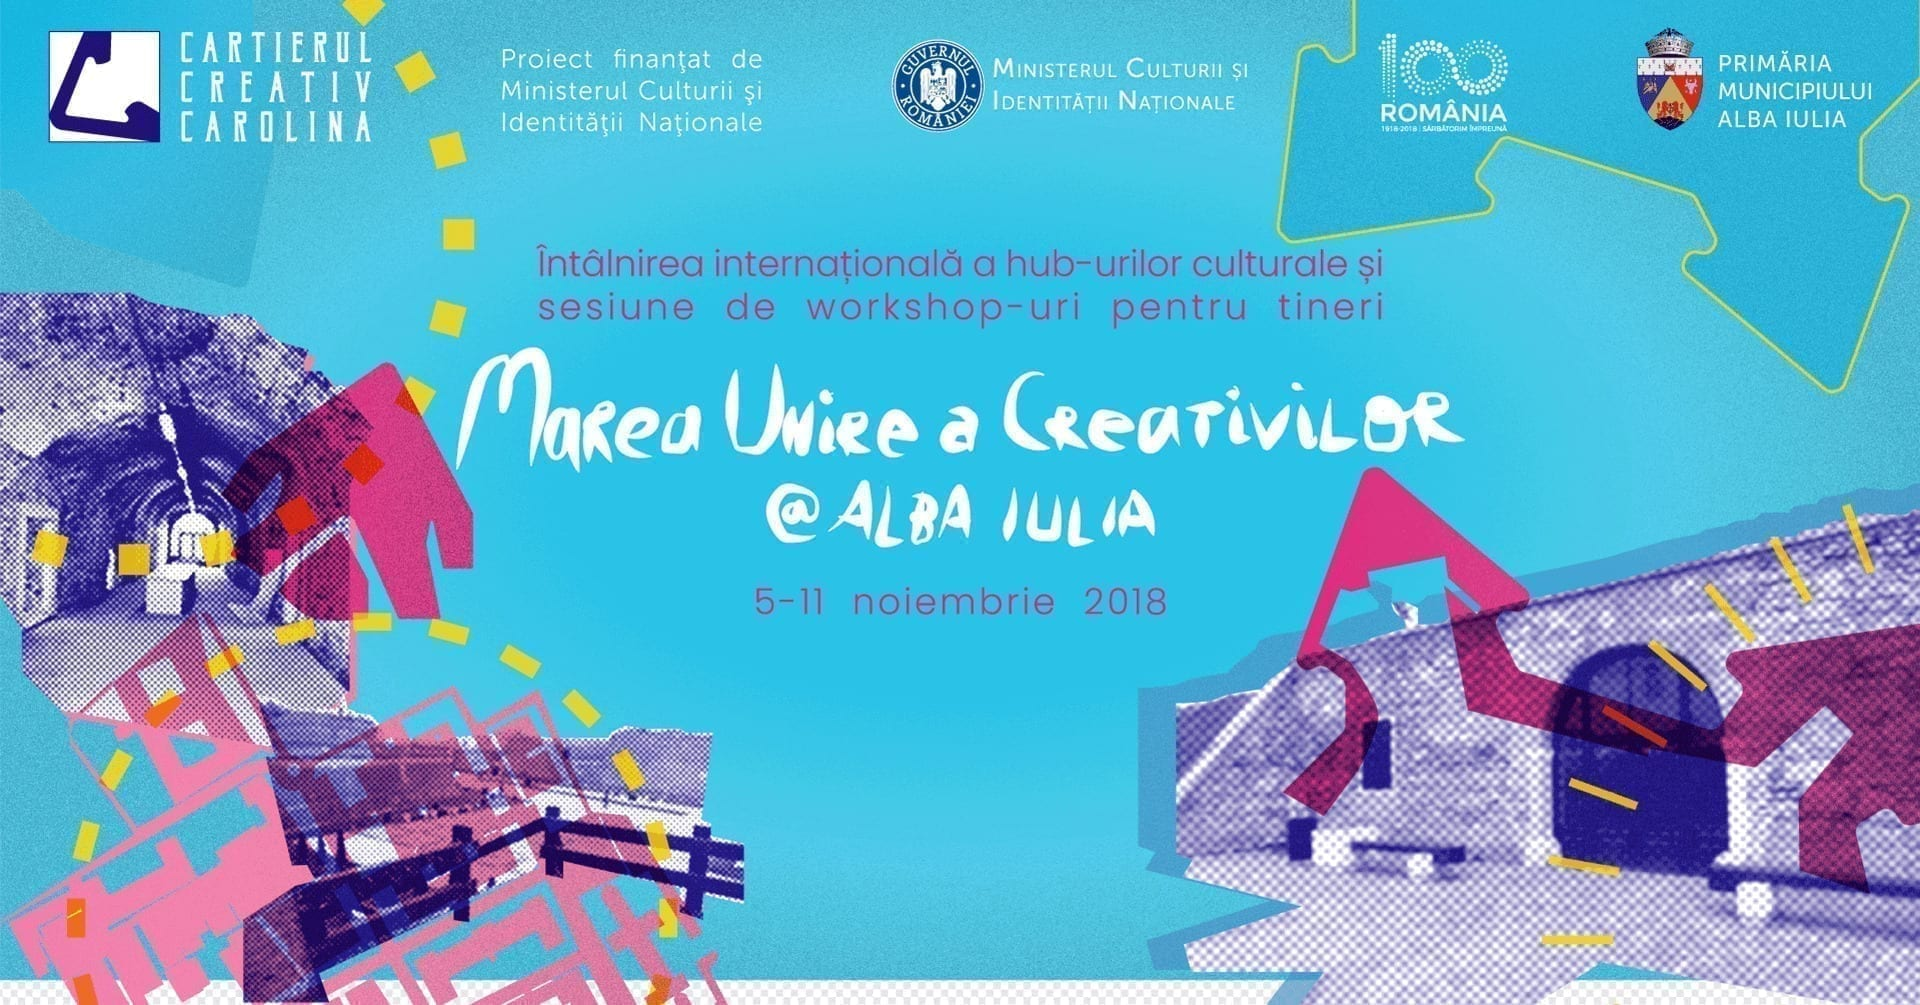 Întâlnirea internațională a hub-urilor culturale și sesiune de workshop-uri pentru tineri: Marea Unire a Creativilor @ Alba Iulia